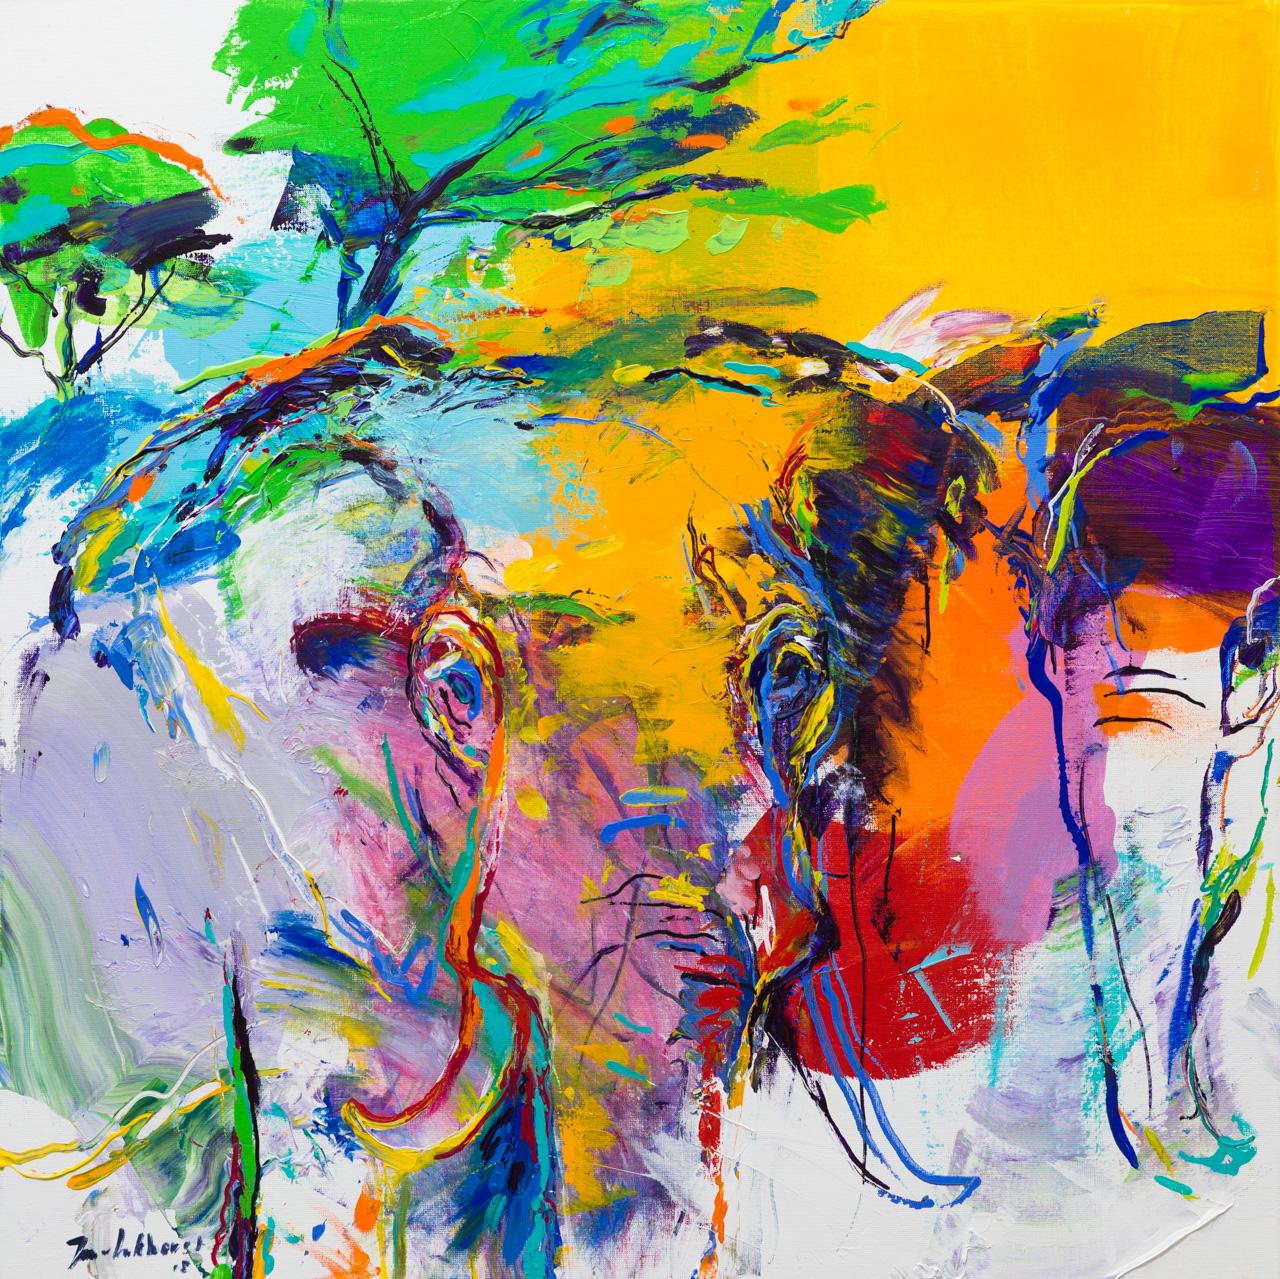 Olifanten schilderij geel paars